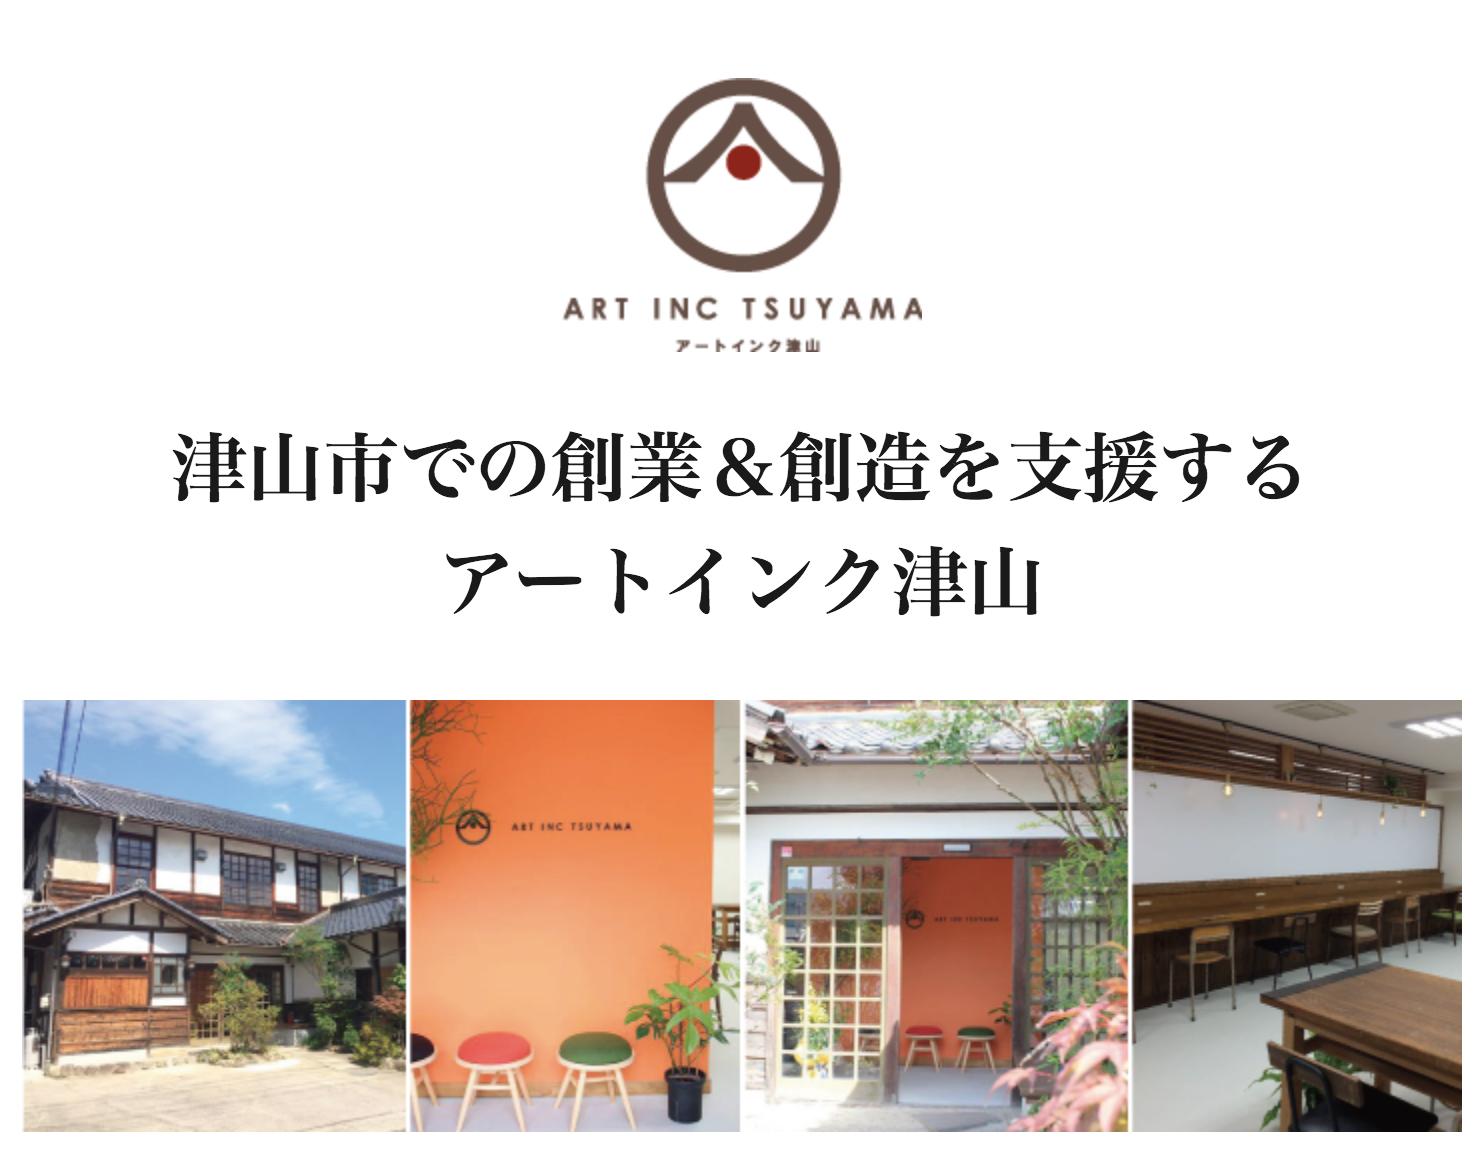 津山市中心部に古民家を改装したインキュベーションセンターを開設しています。